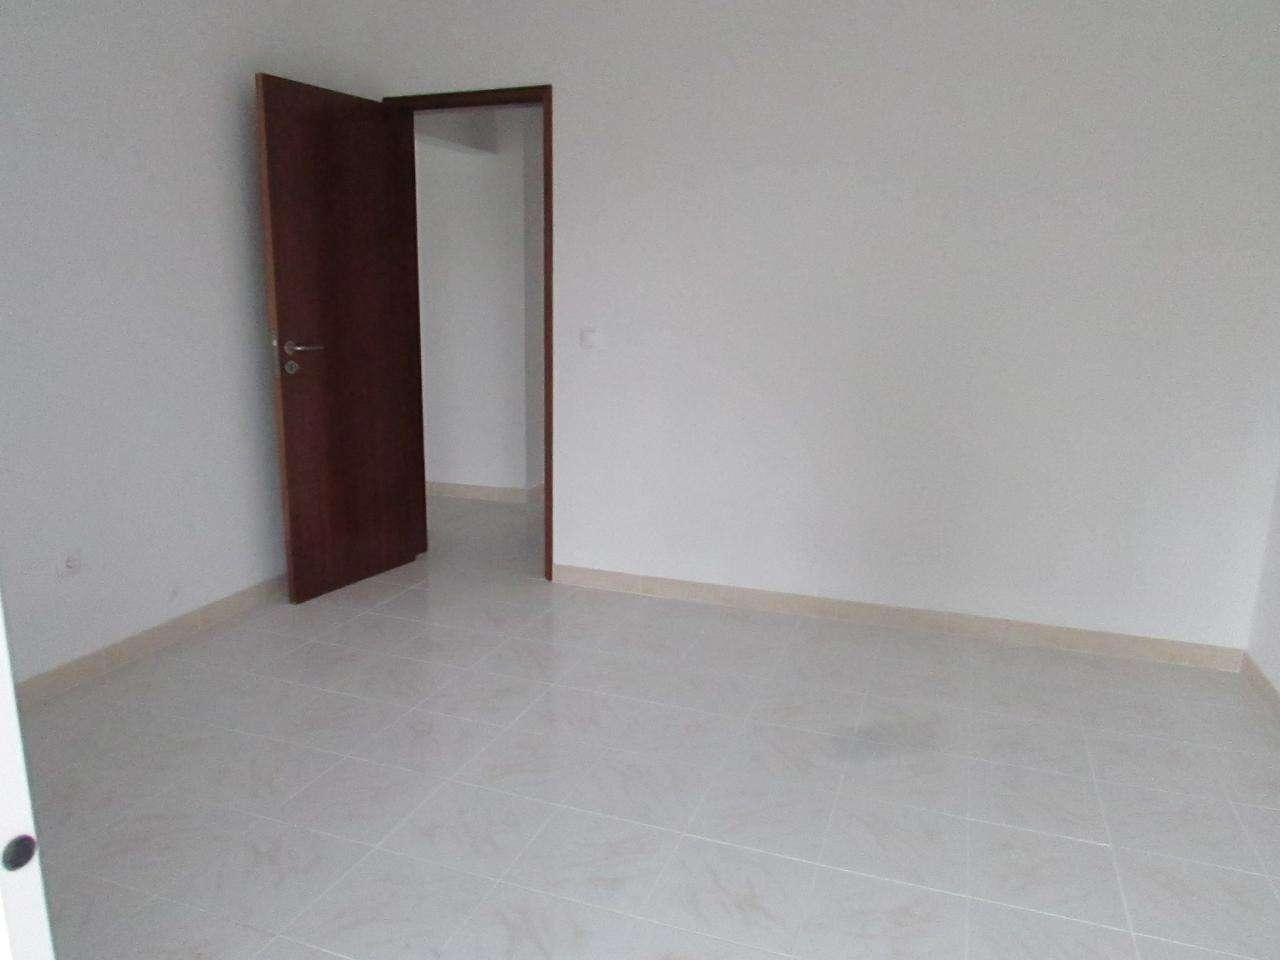 Apartamento para comprar, Quinta do Conde, Sesimbra, Setúbal - Foto 10